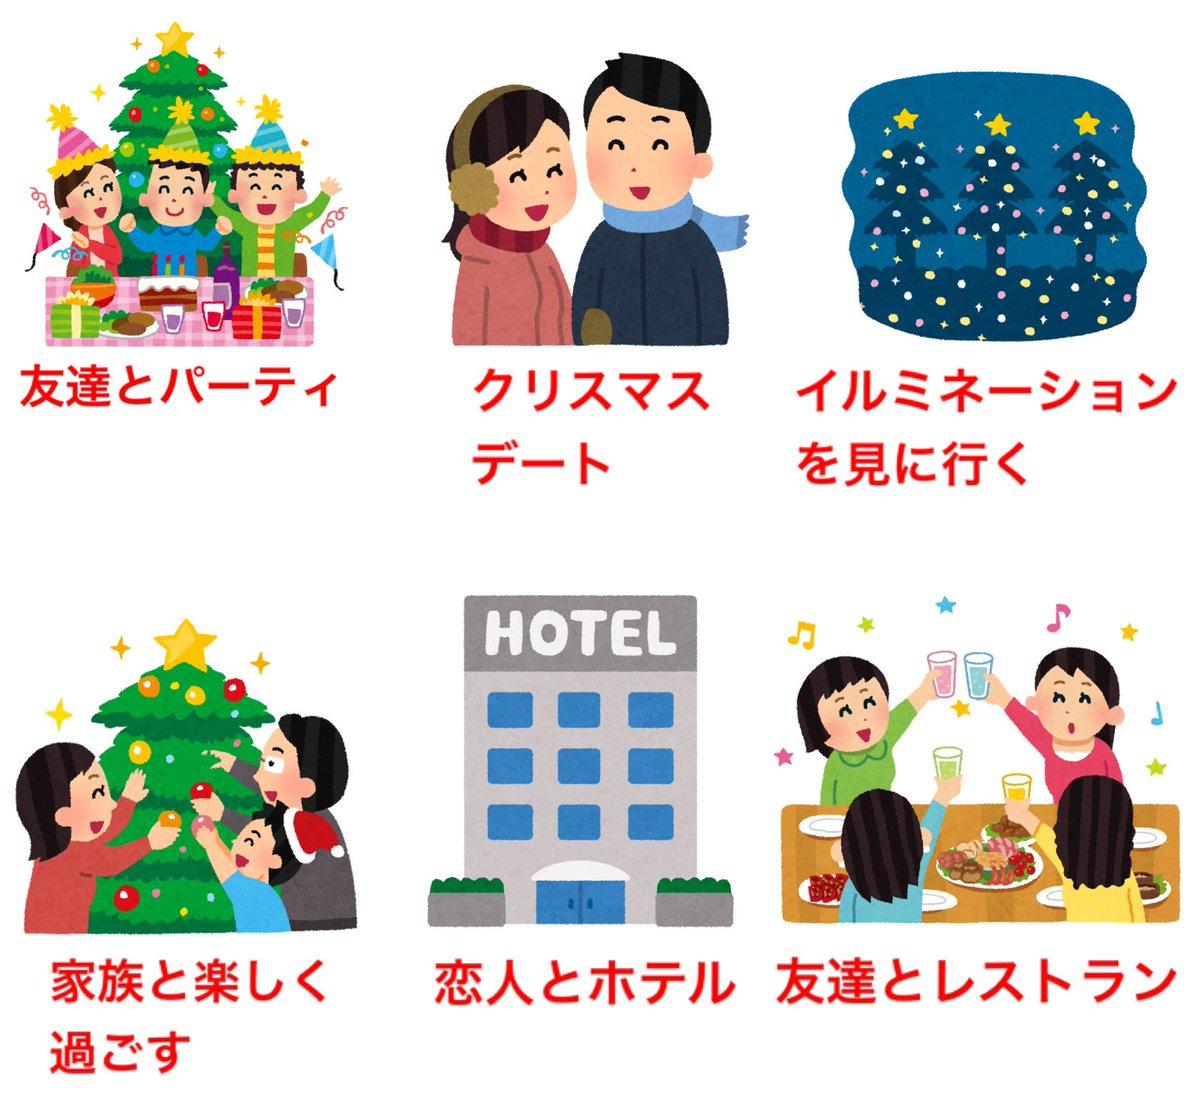 思っていた通りにはいかない?クリスマスの理想と現実の違い!